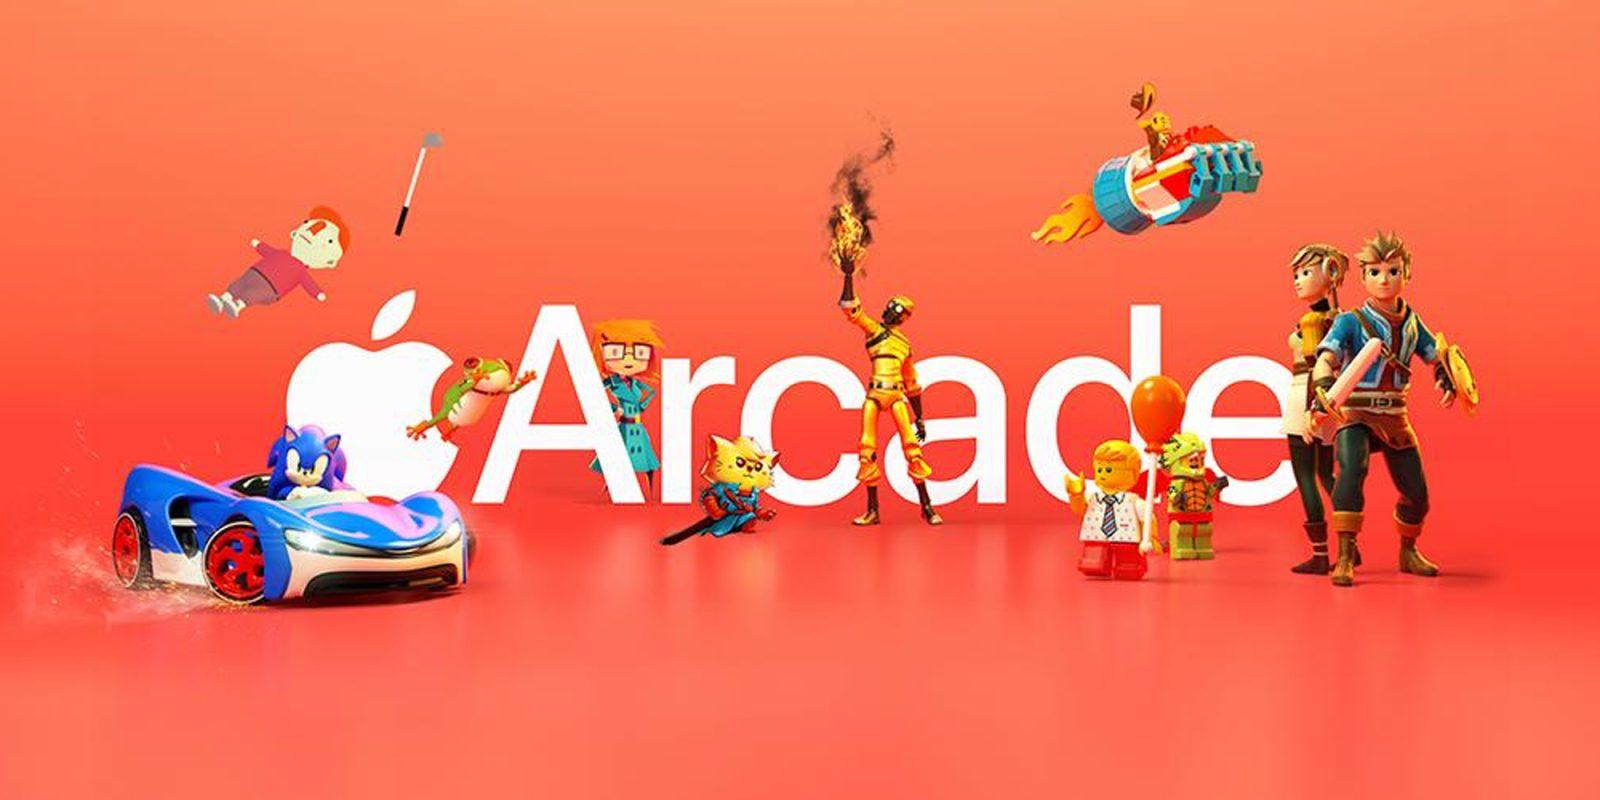 Nowe gry, które pojawiąsię w Apple Arcade. Dostaniemy teżtrochęklasyki!